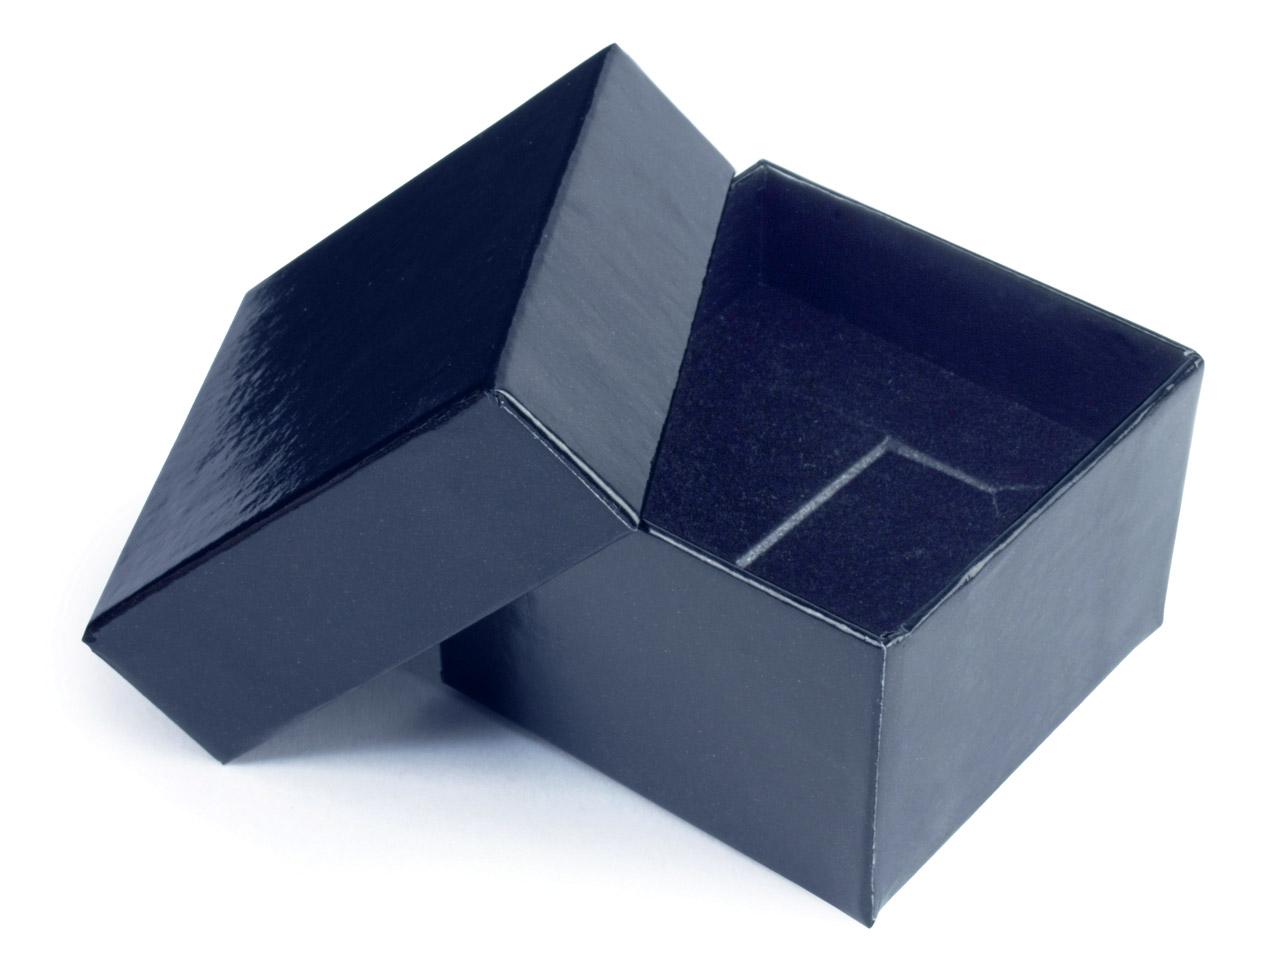 boite pour bague vetement fille pas cher. Black Bedroom Furniture Sets. Home Design Ideas